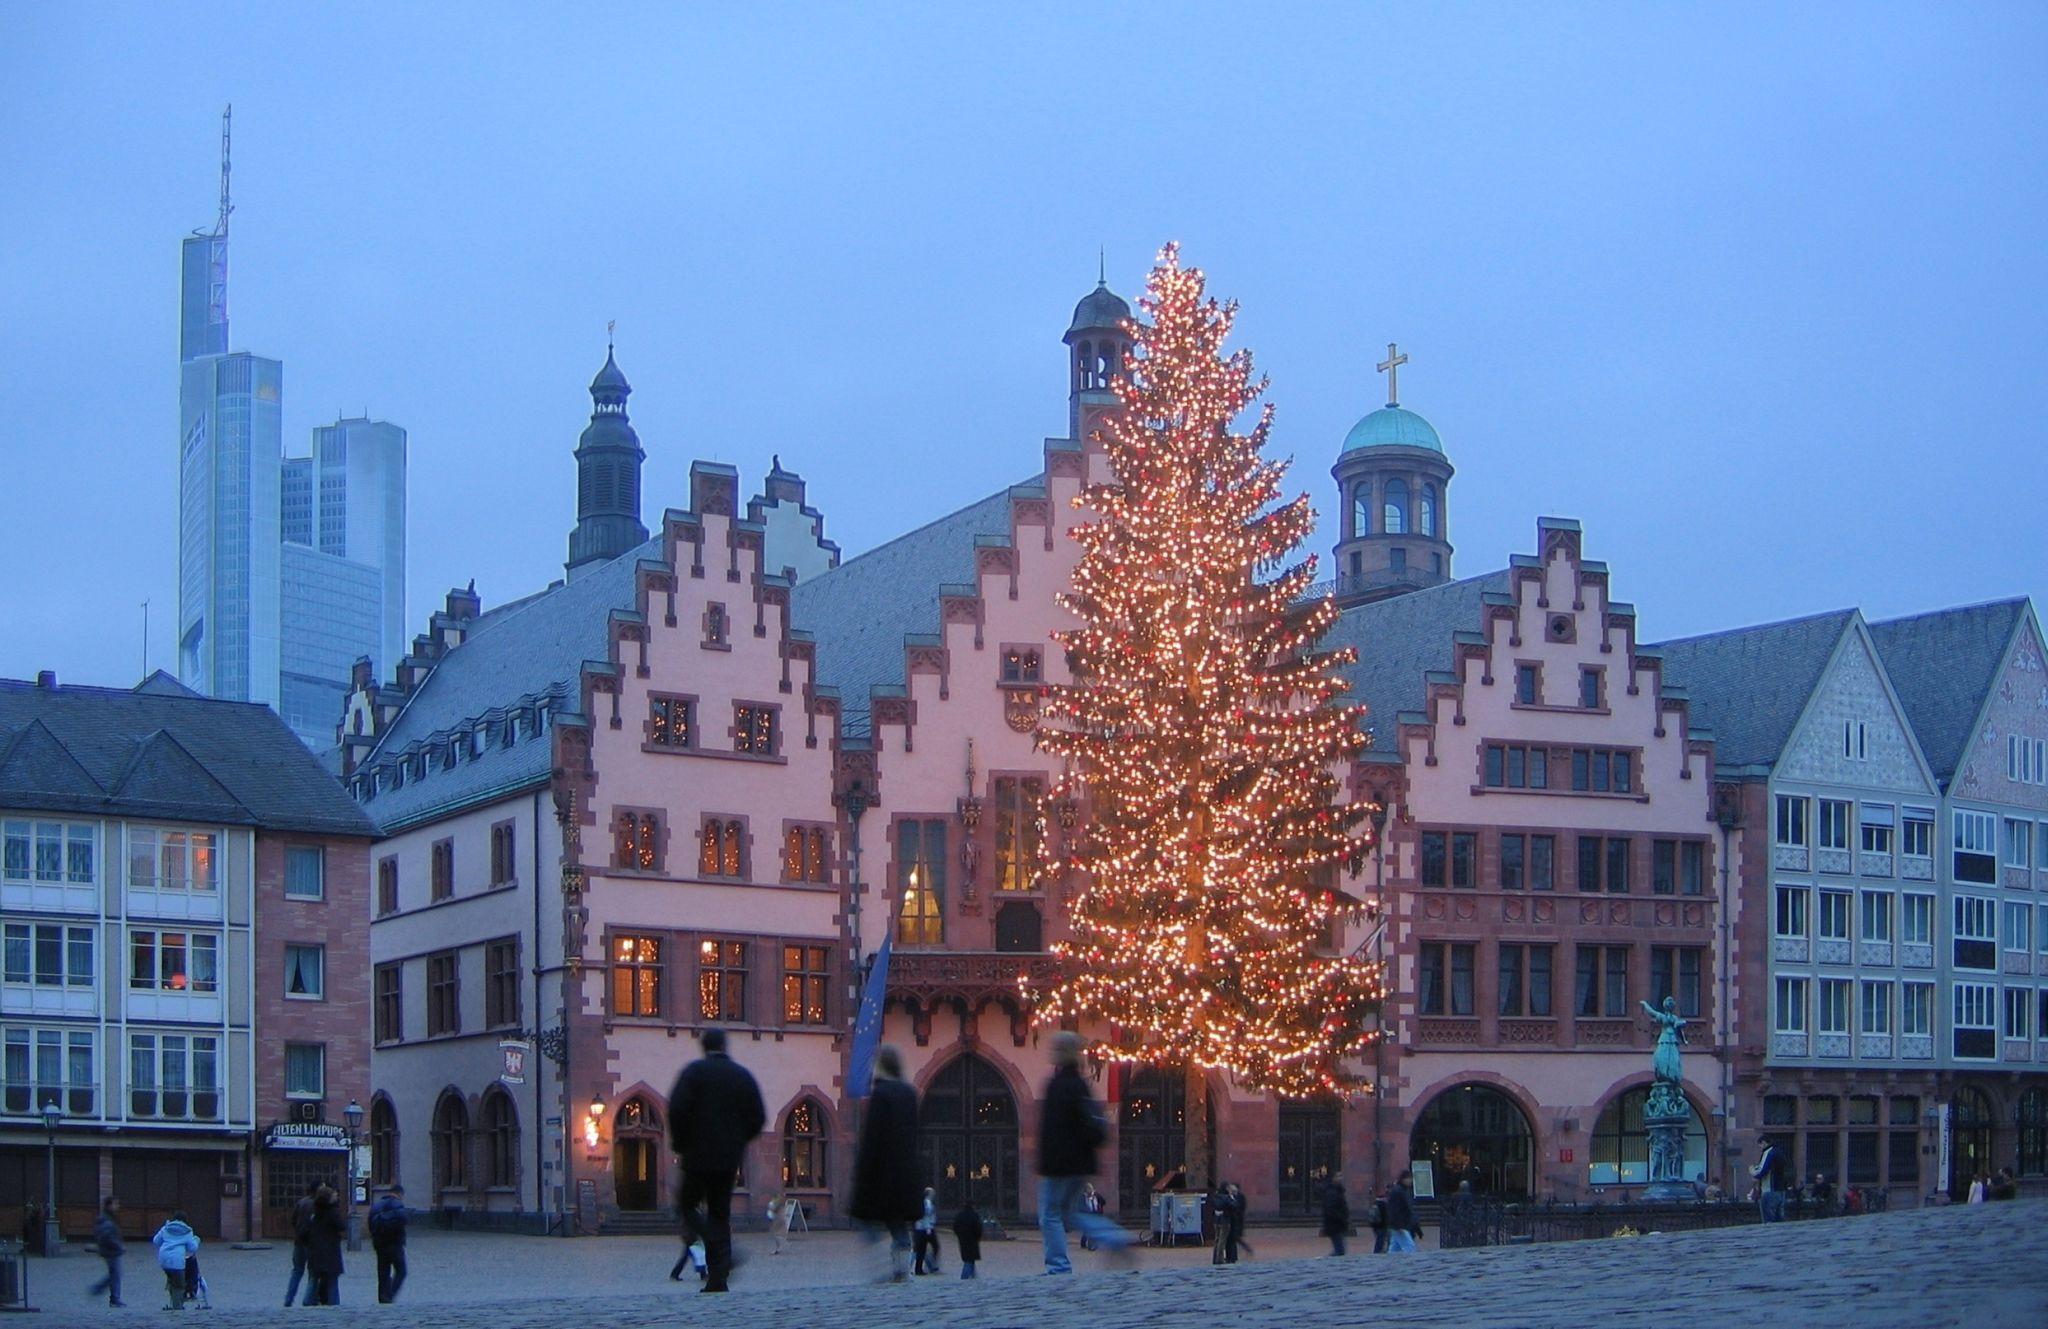 Weihnachtsbaum Frankfurt.Strassen Plätze In Frankfurt